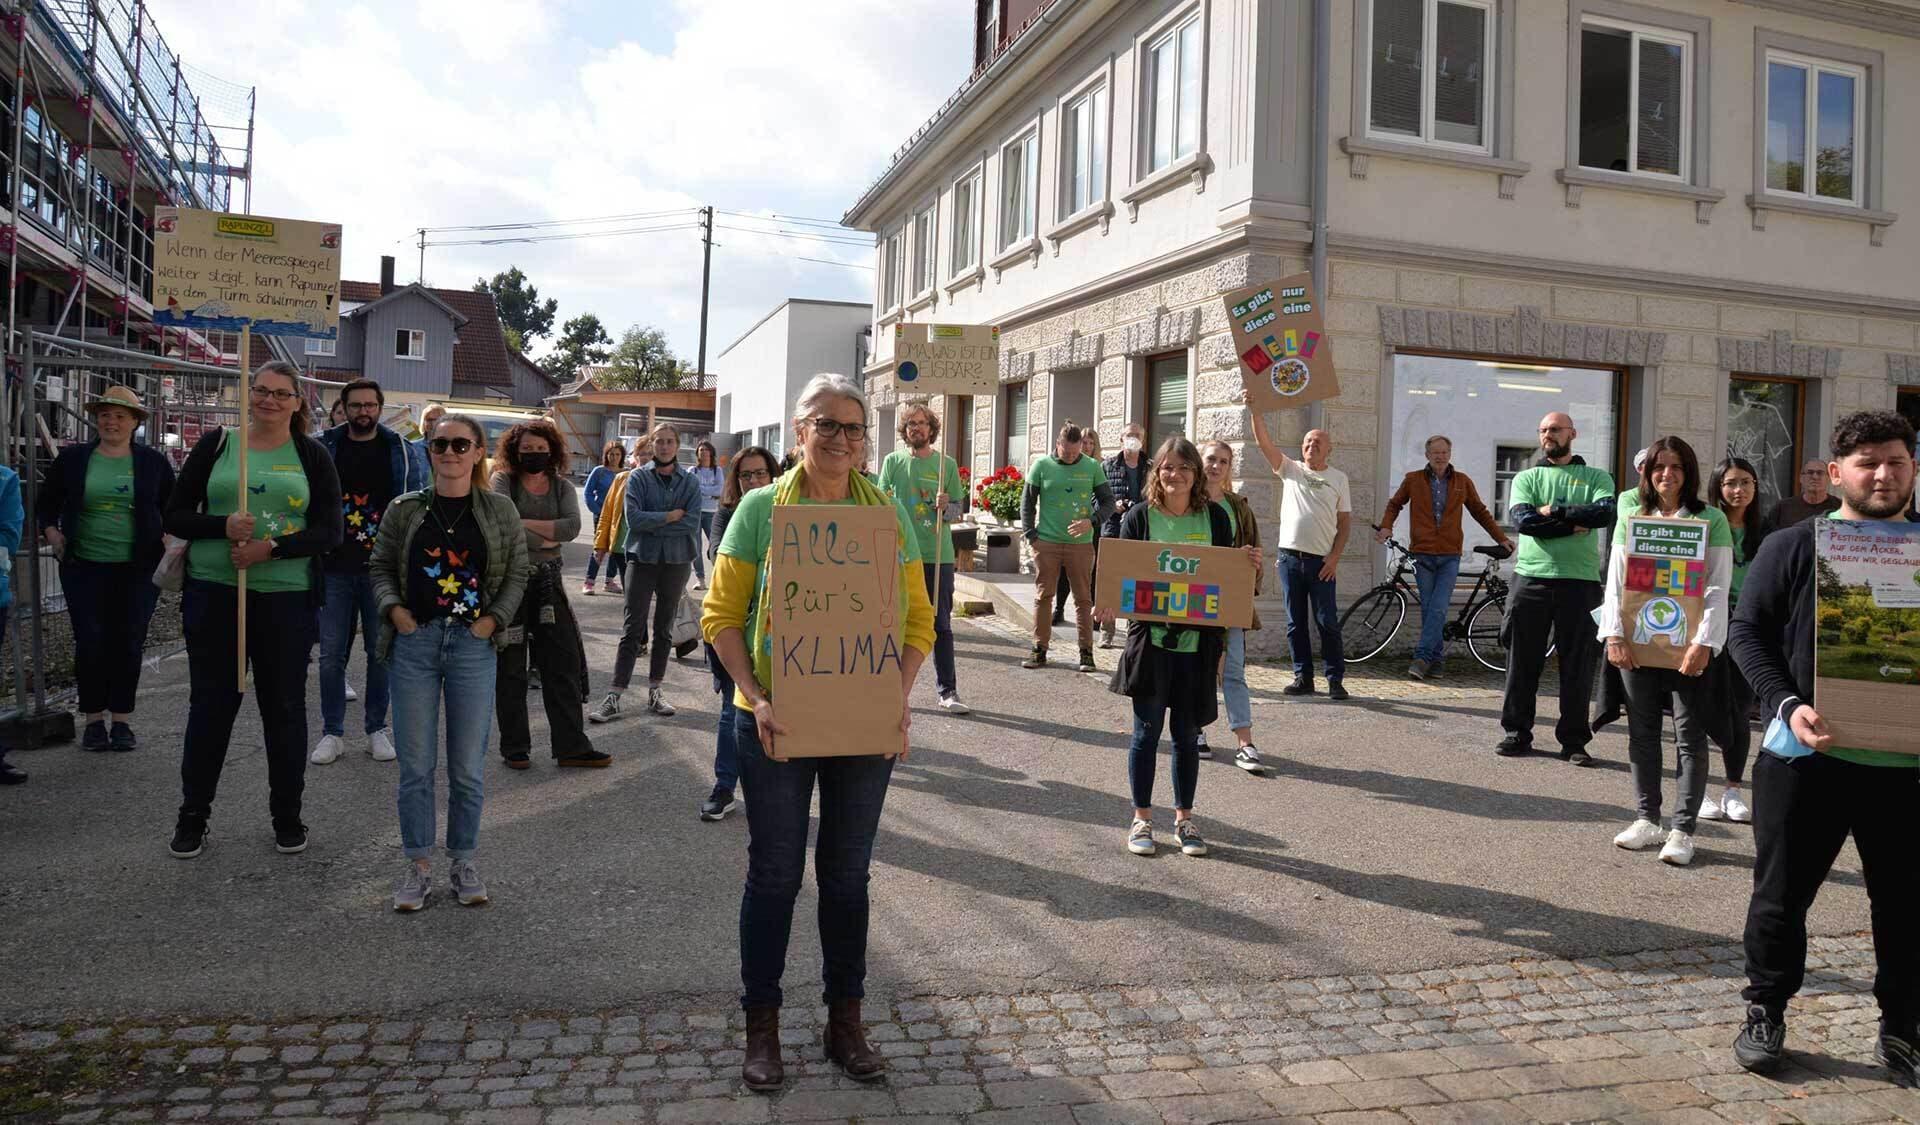 Rapunzel Klima Mahnwache: menschen mit Demo-Schildern